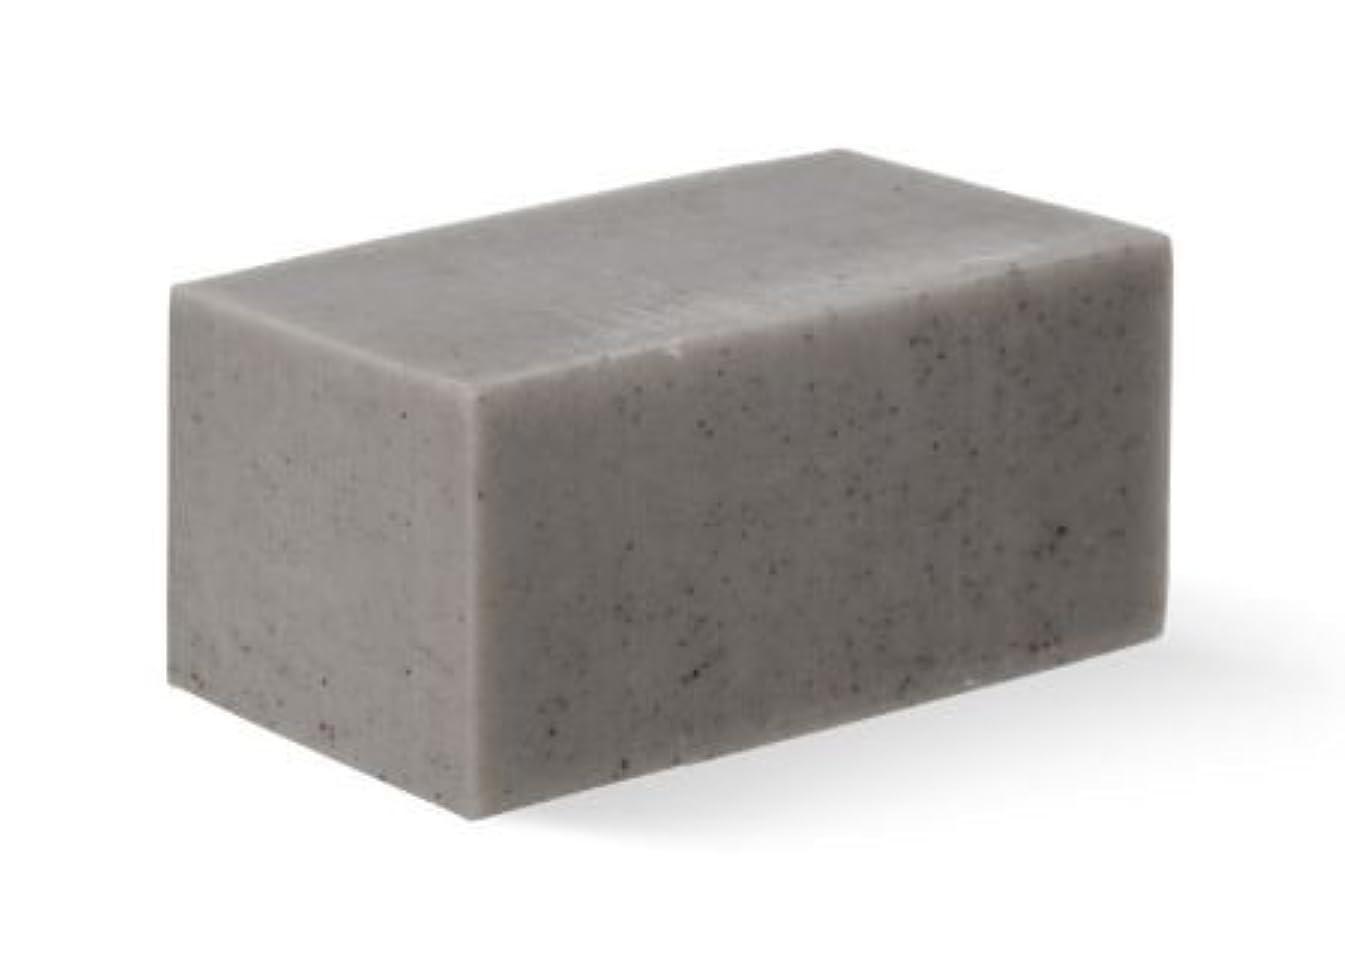 畝間わずらわしい一貫性のない[Abib] Facial Soap grey Brick 100g/[アビブ]フェイシャルソープグレー ブリック100g [並行輸入品]